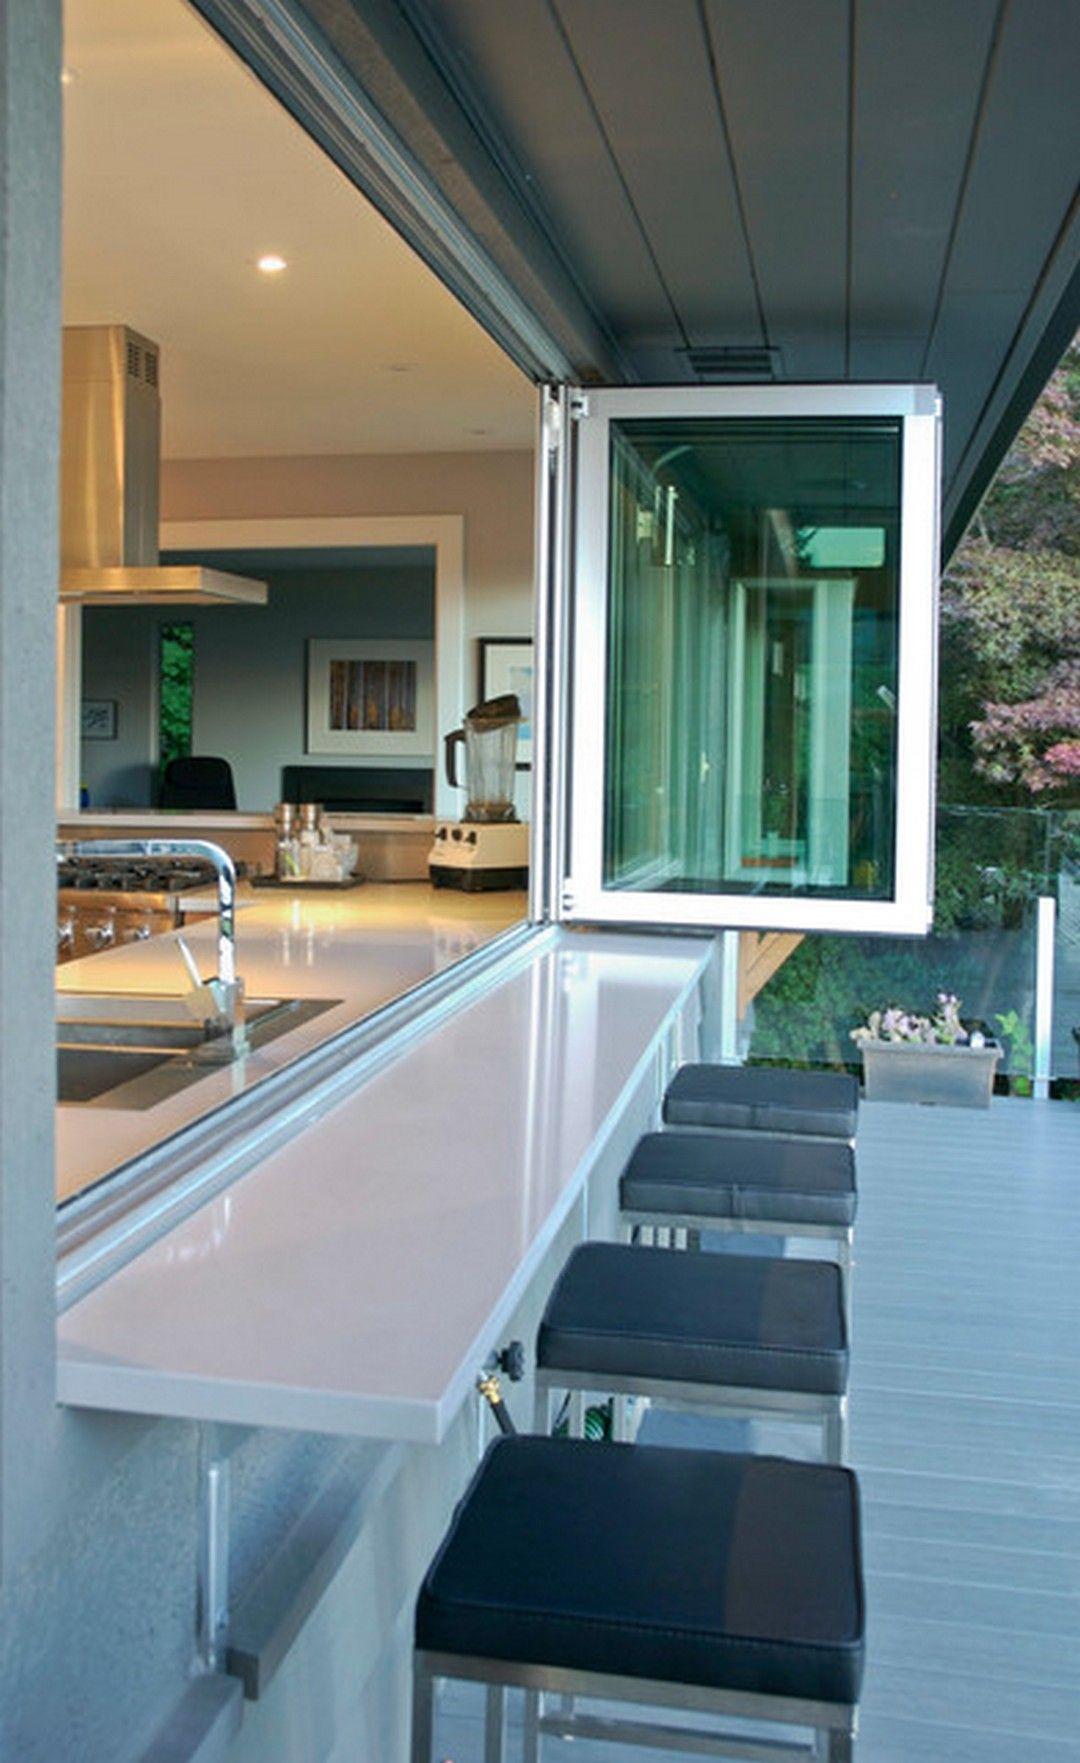 99 Super Practical Indoor-Outdoor Serving Bar Ideas | Perfections ...